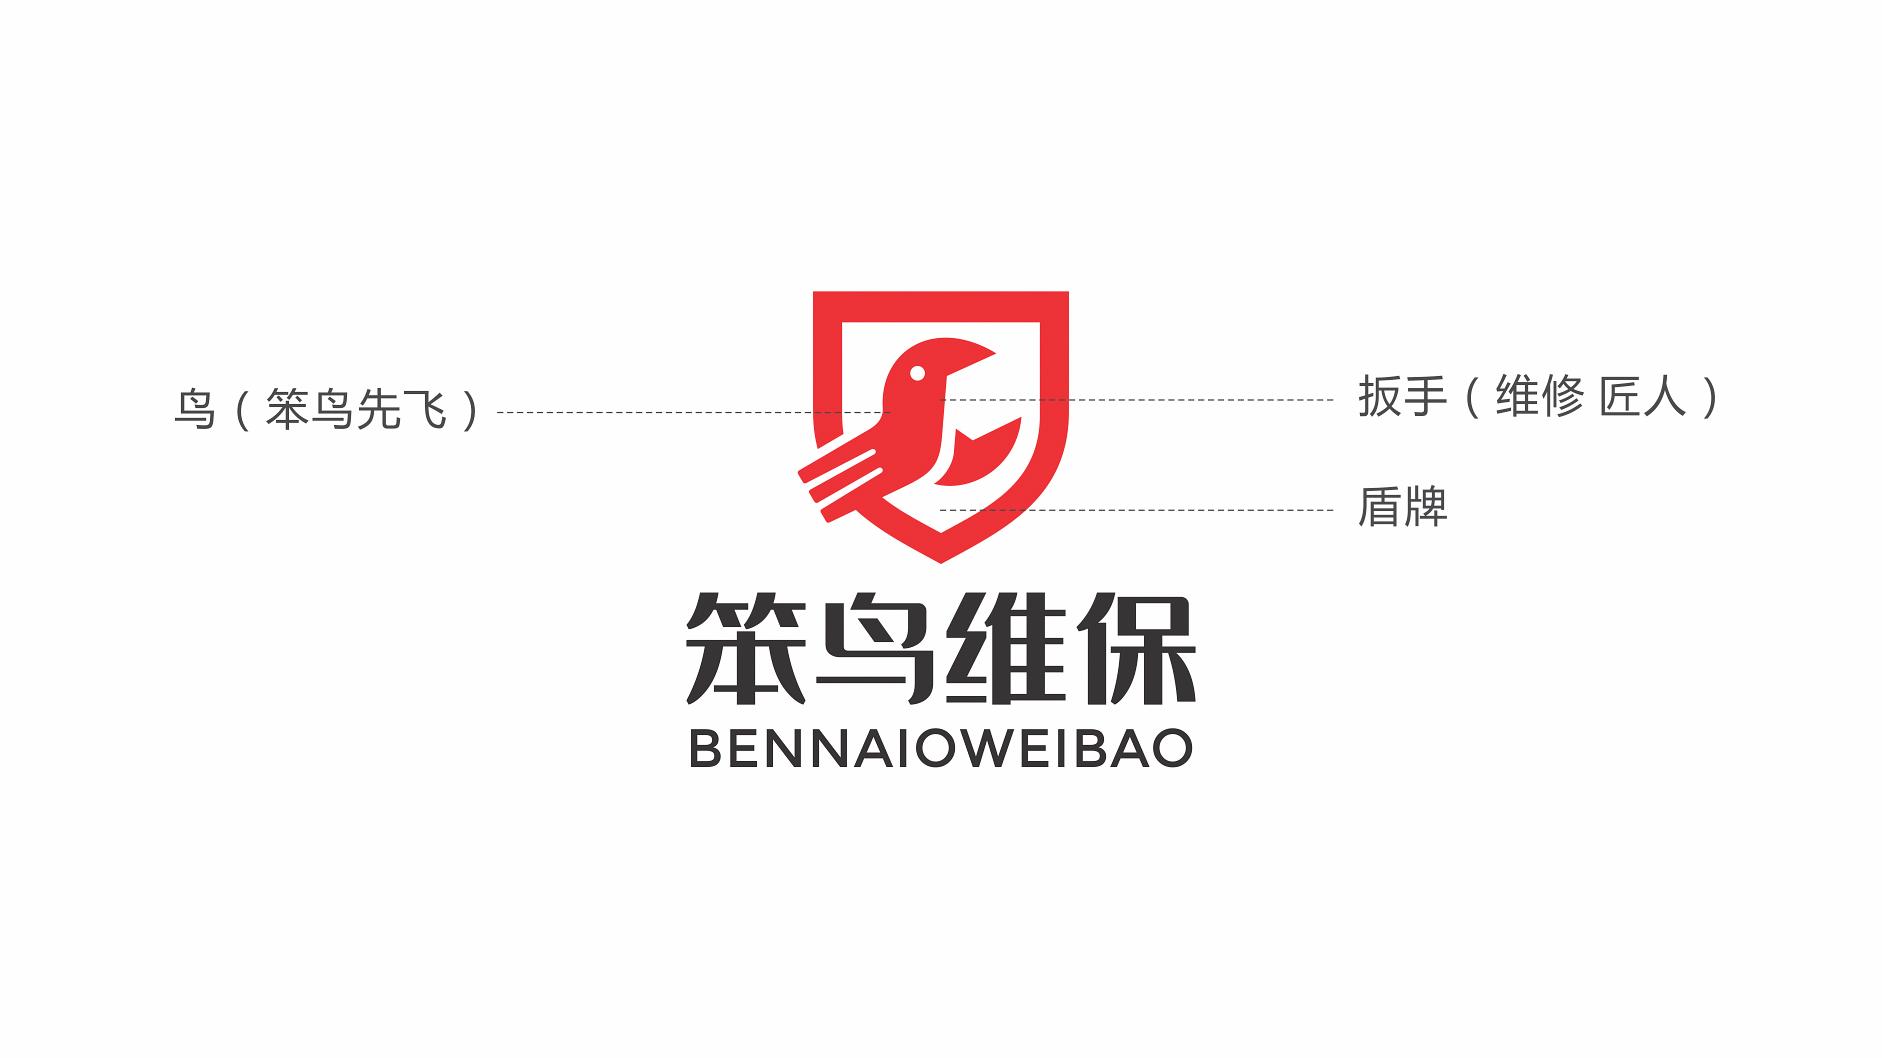 logo名称,笨鸟 / 笨鸟维保_3033439_k68威客网